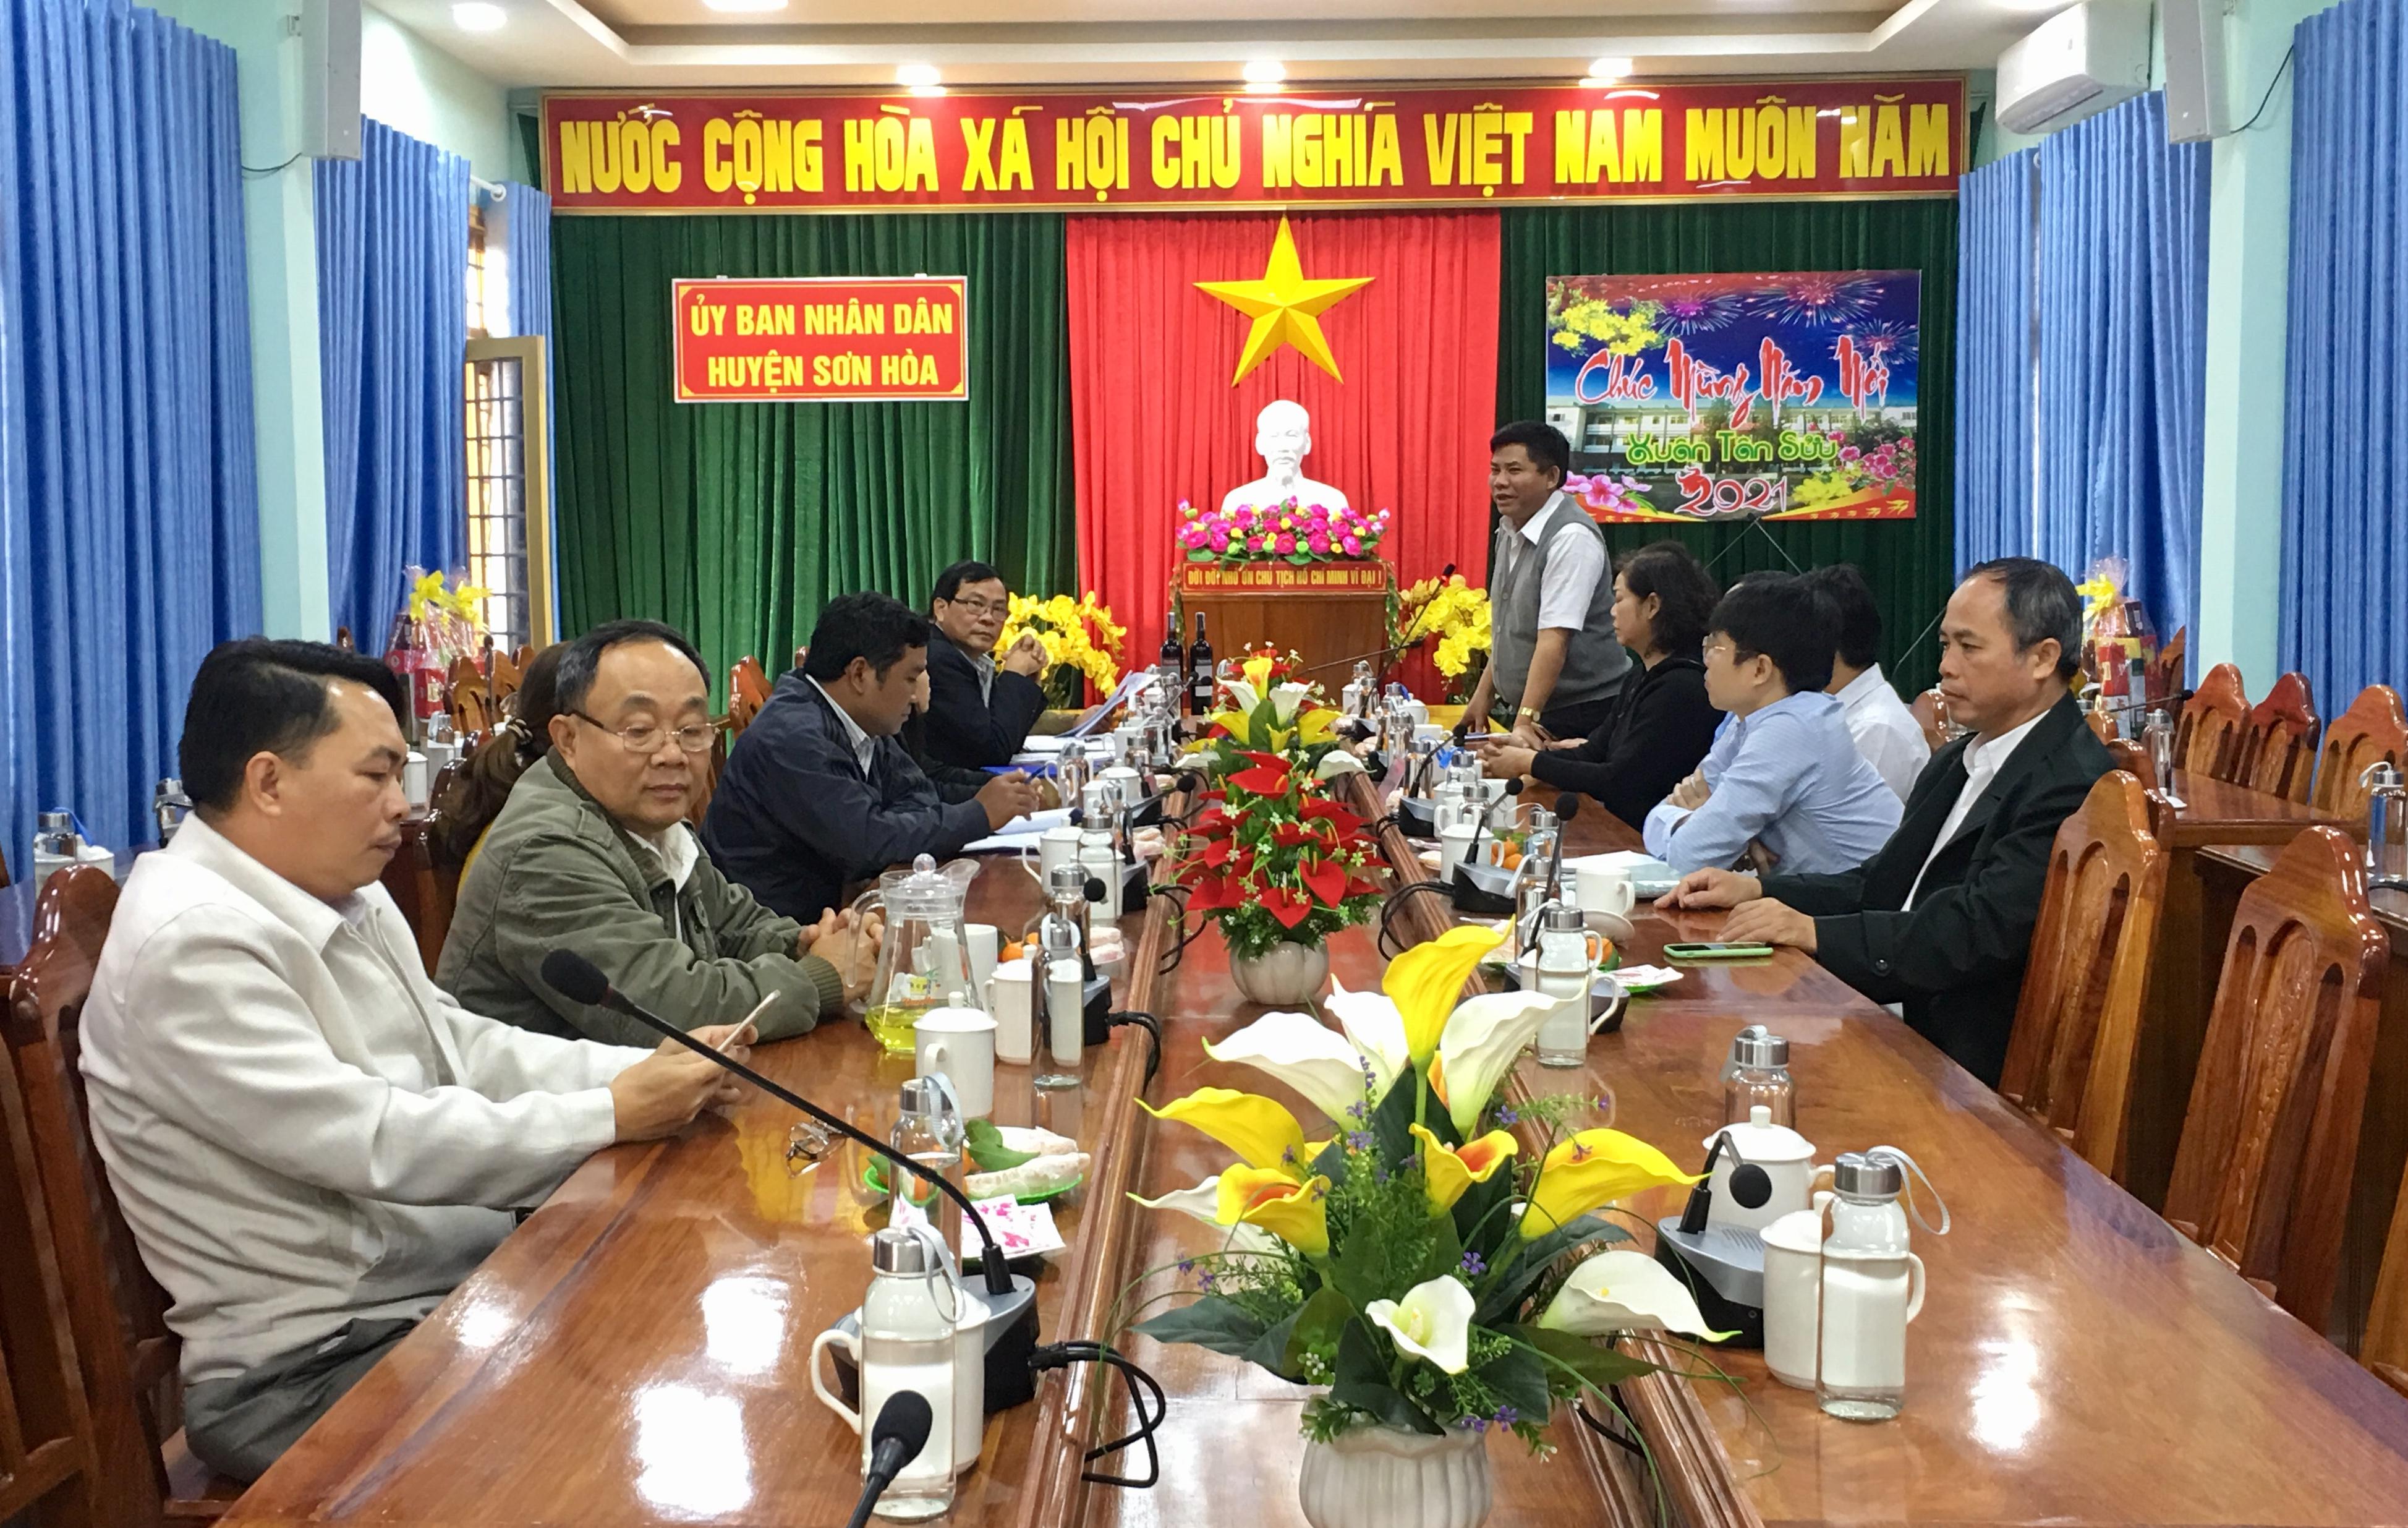 Thứ trưởng, Phó Chủ nhiệm UBDT Y Thông phát biểu tại buổi làm việc với huyện Sơn Hòa